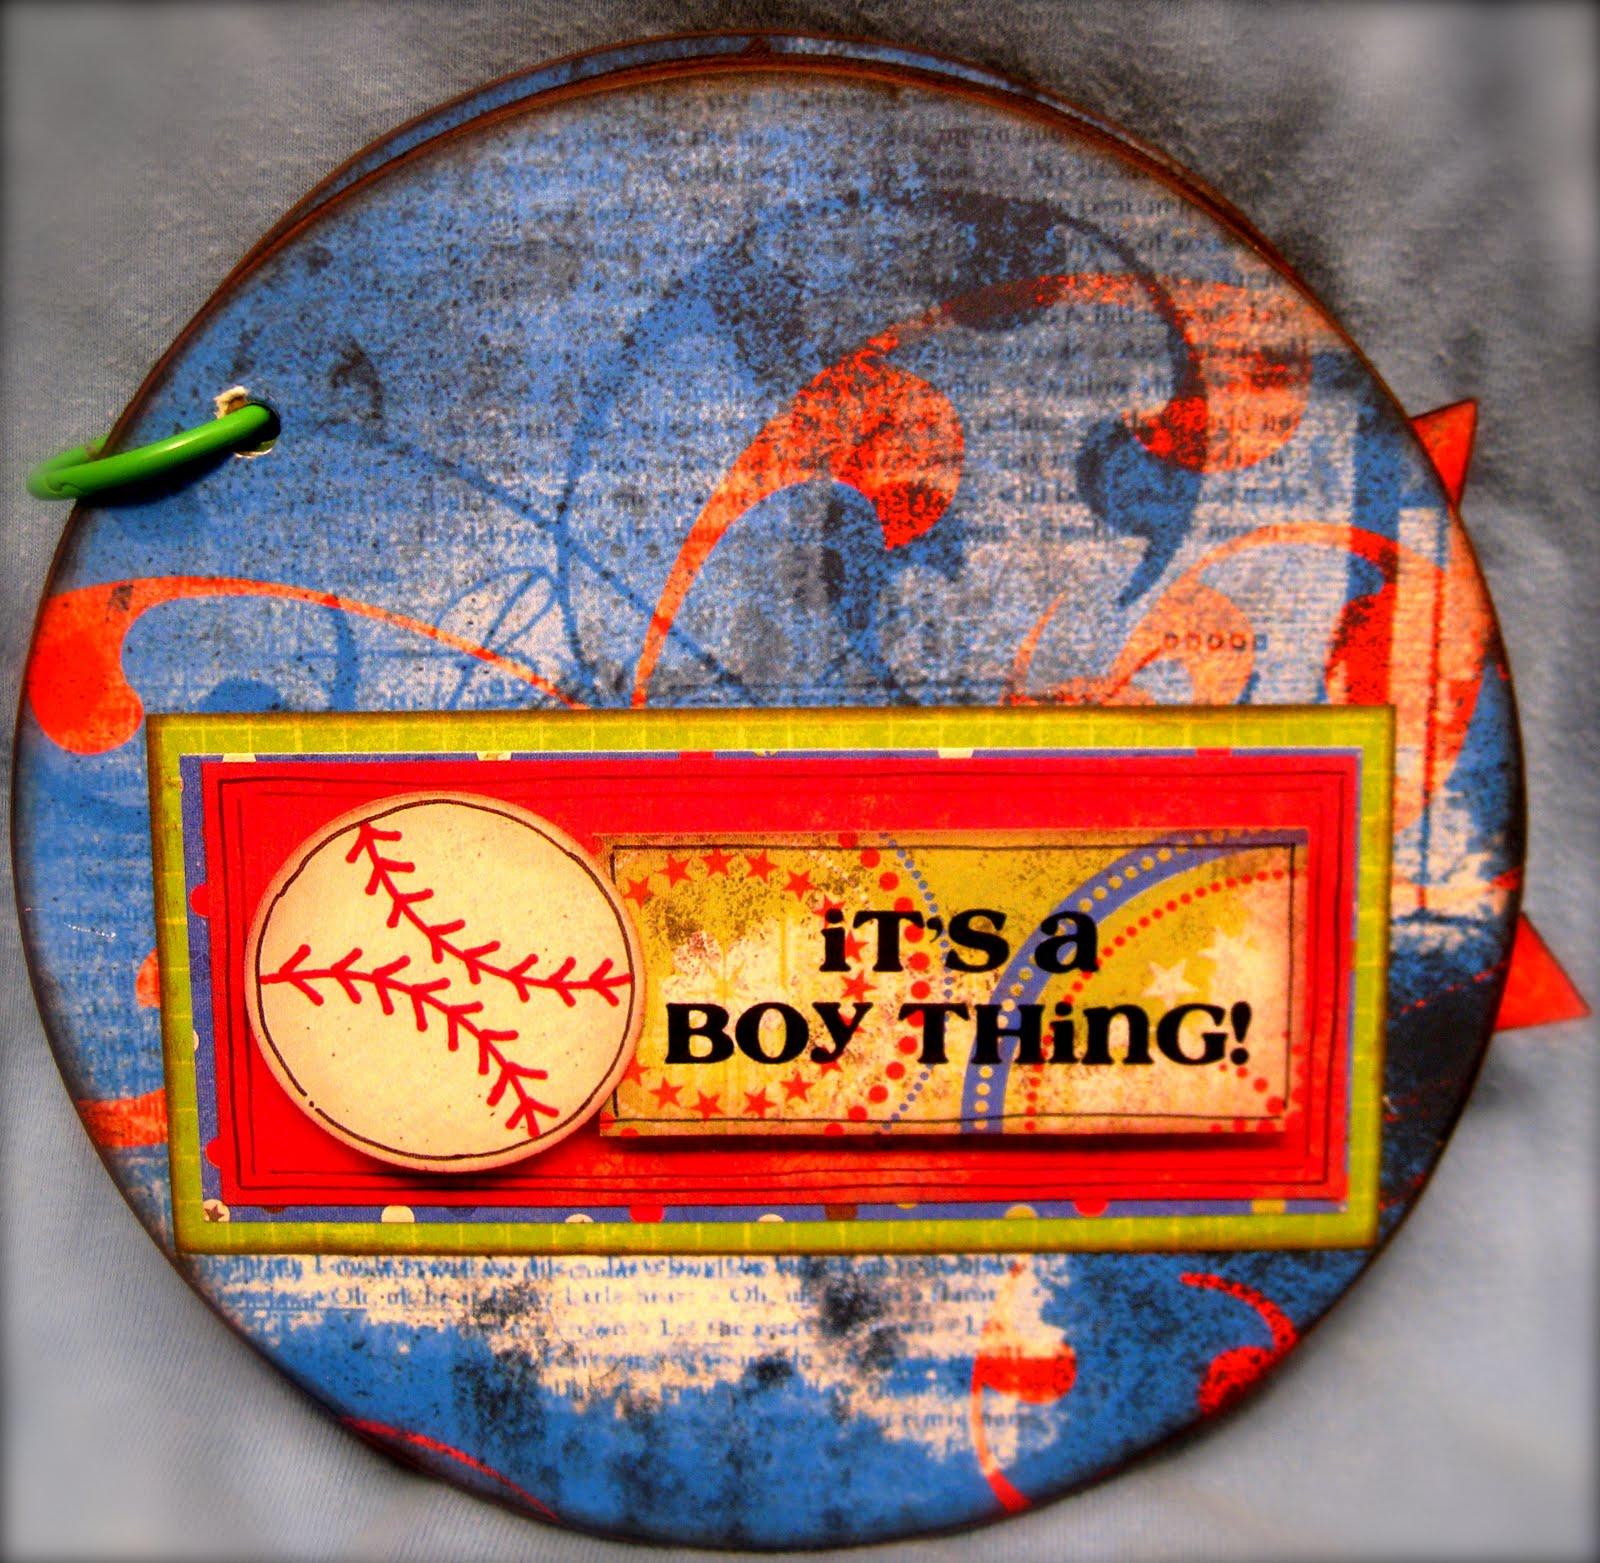 http://4.bp.blogspot.com/___DKRavBbPE/TPTboqGbHmI/AAAAAAAACWA/kQa-r5JmUcg/s1600/boy%2Bbook%2Bcover.JPG